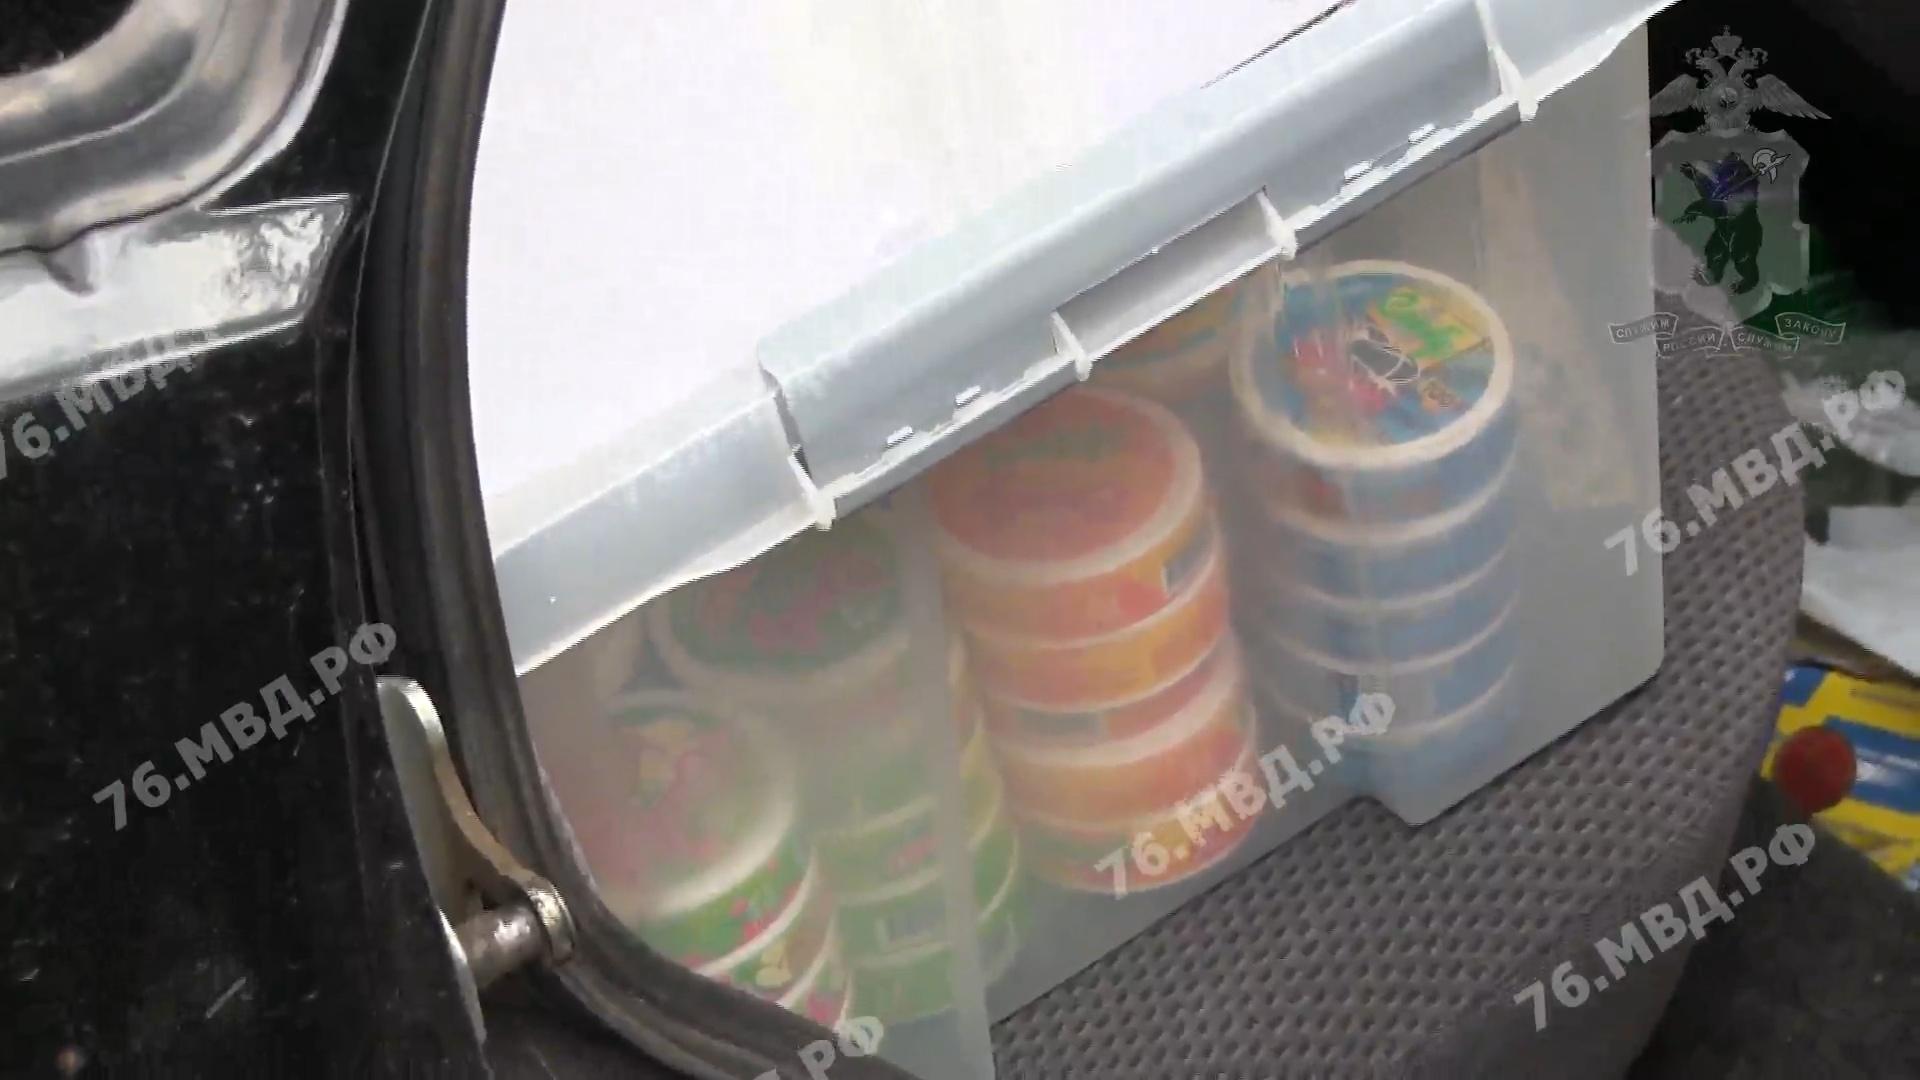 В Ярославле задержали курьера с более чем 200 банками «снюса»